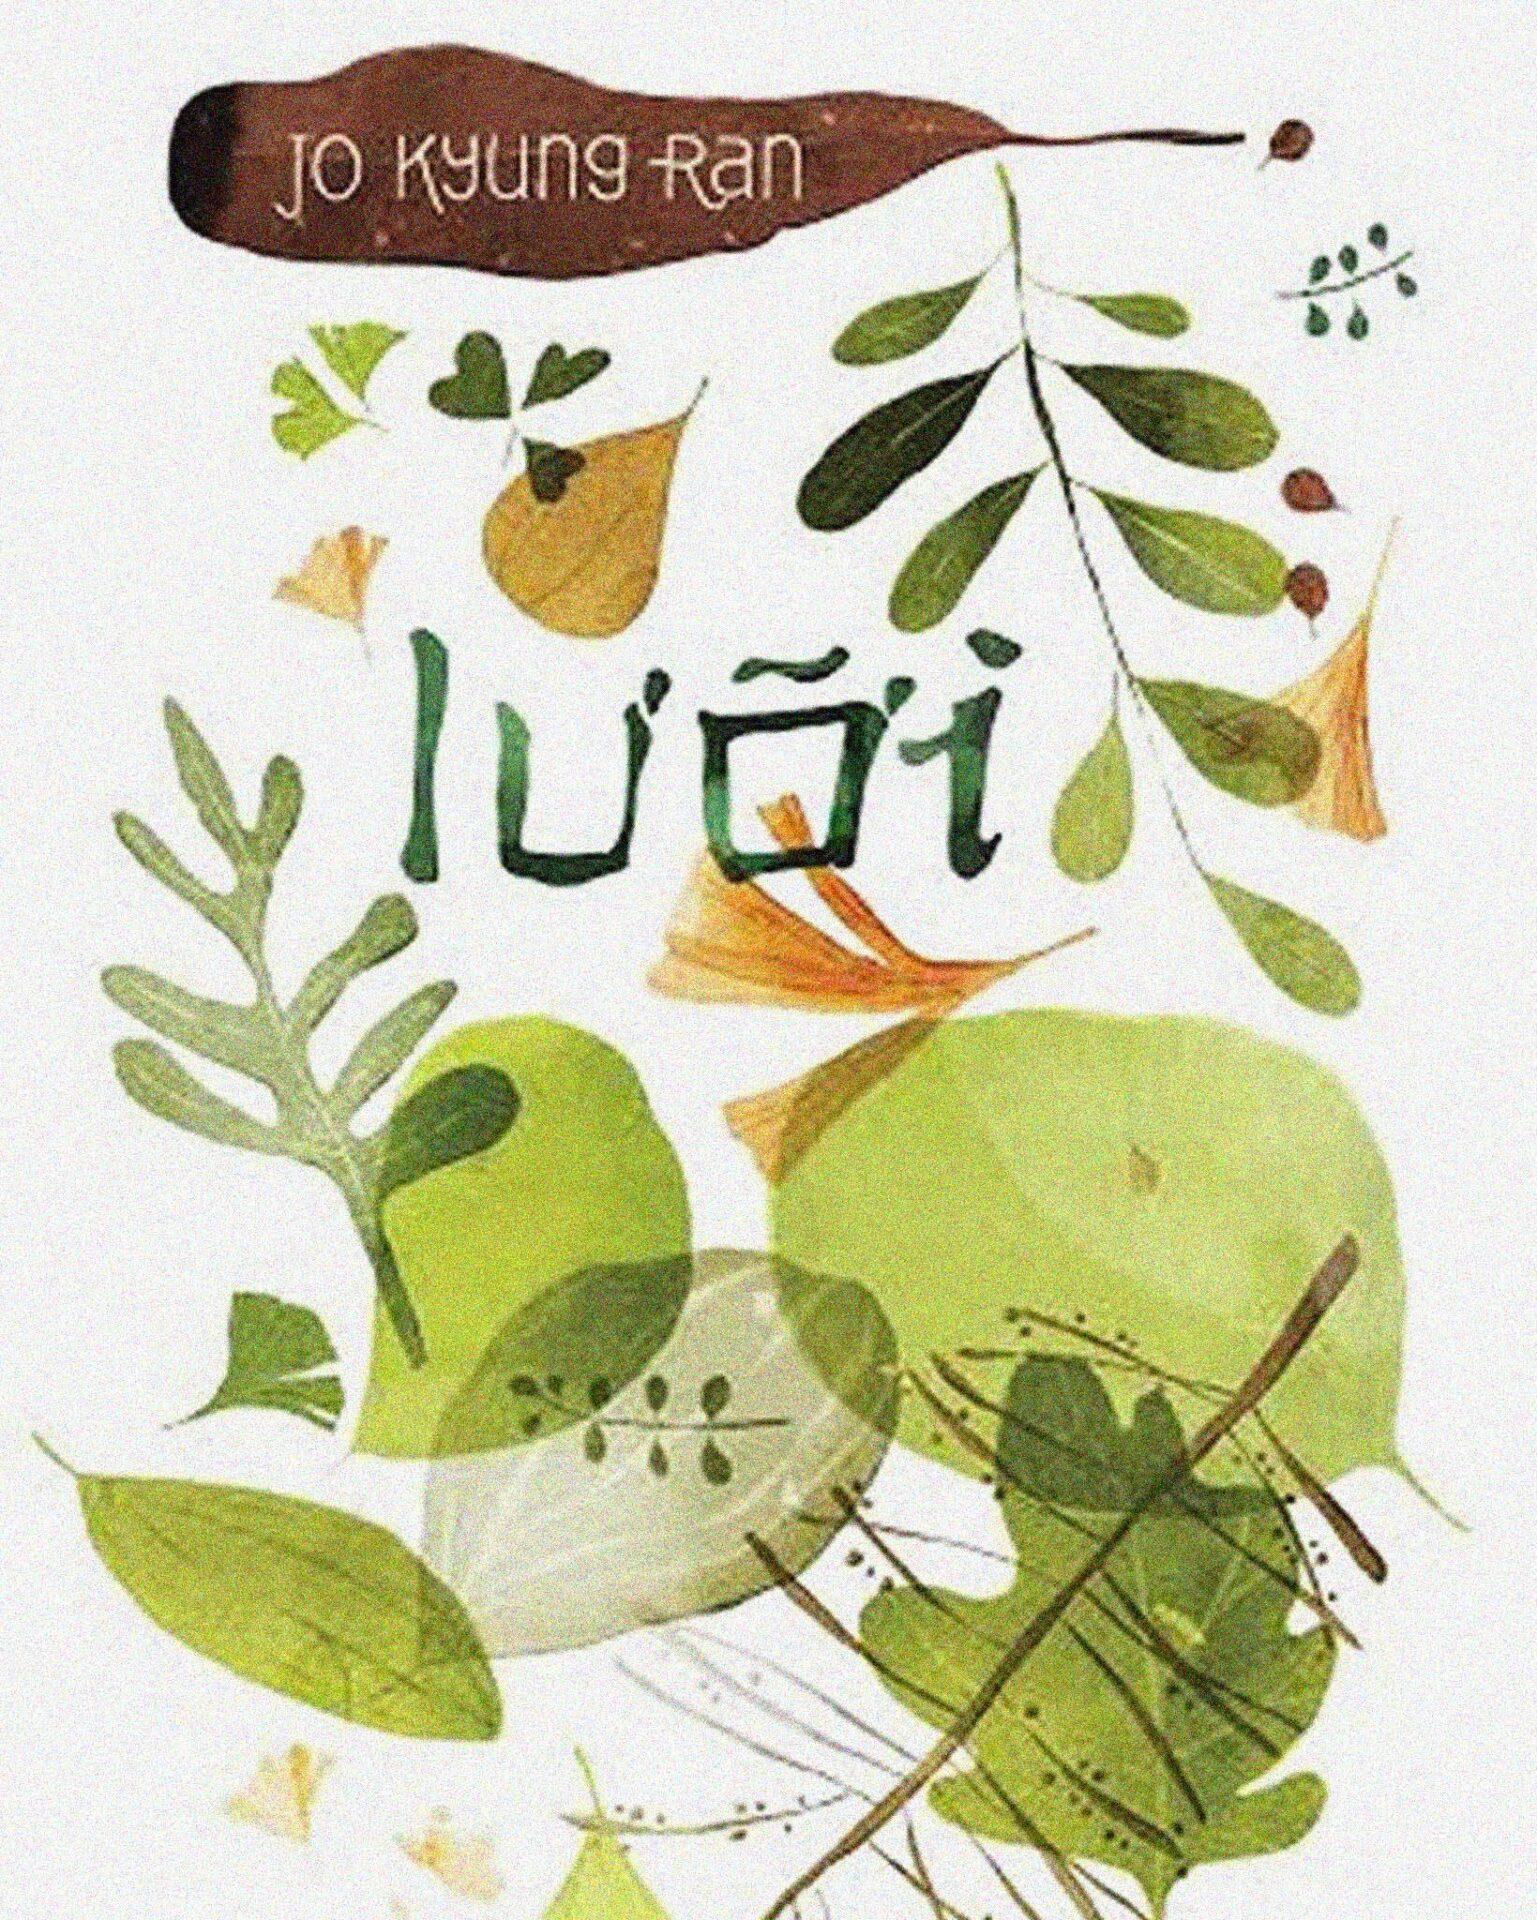 Đọc 'Lưỡi' của Jo Kyung-Ran